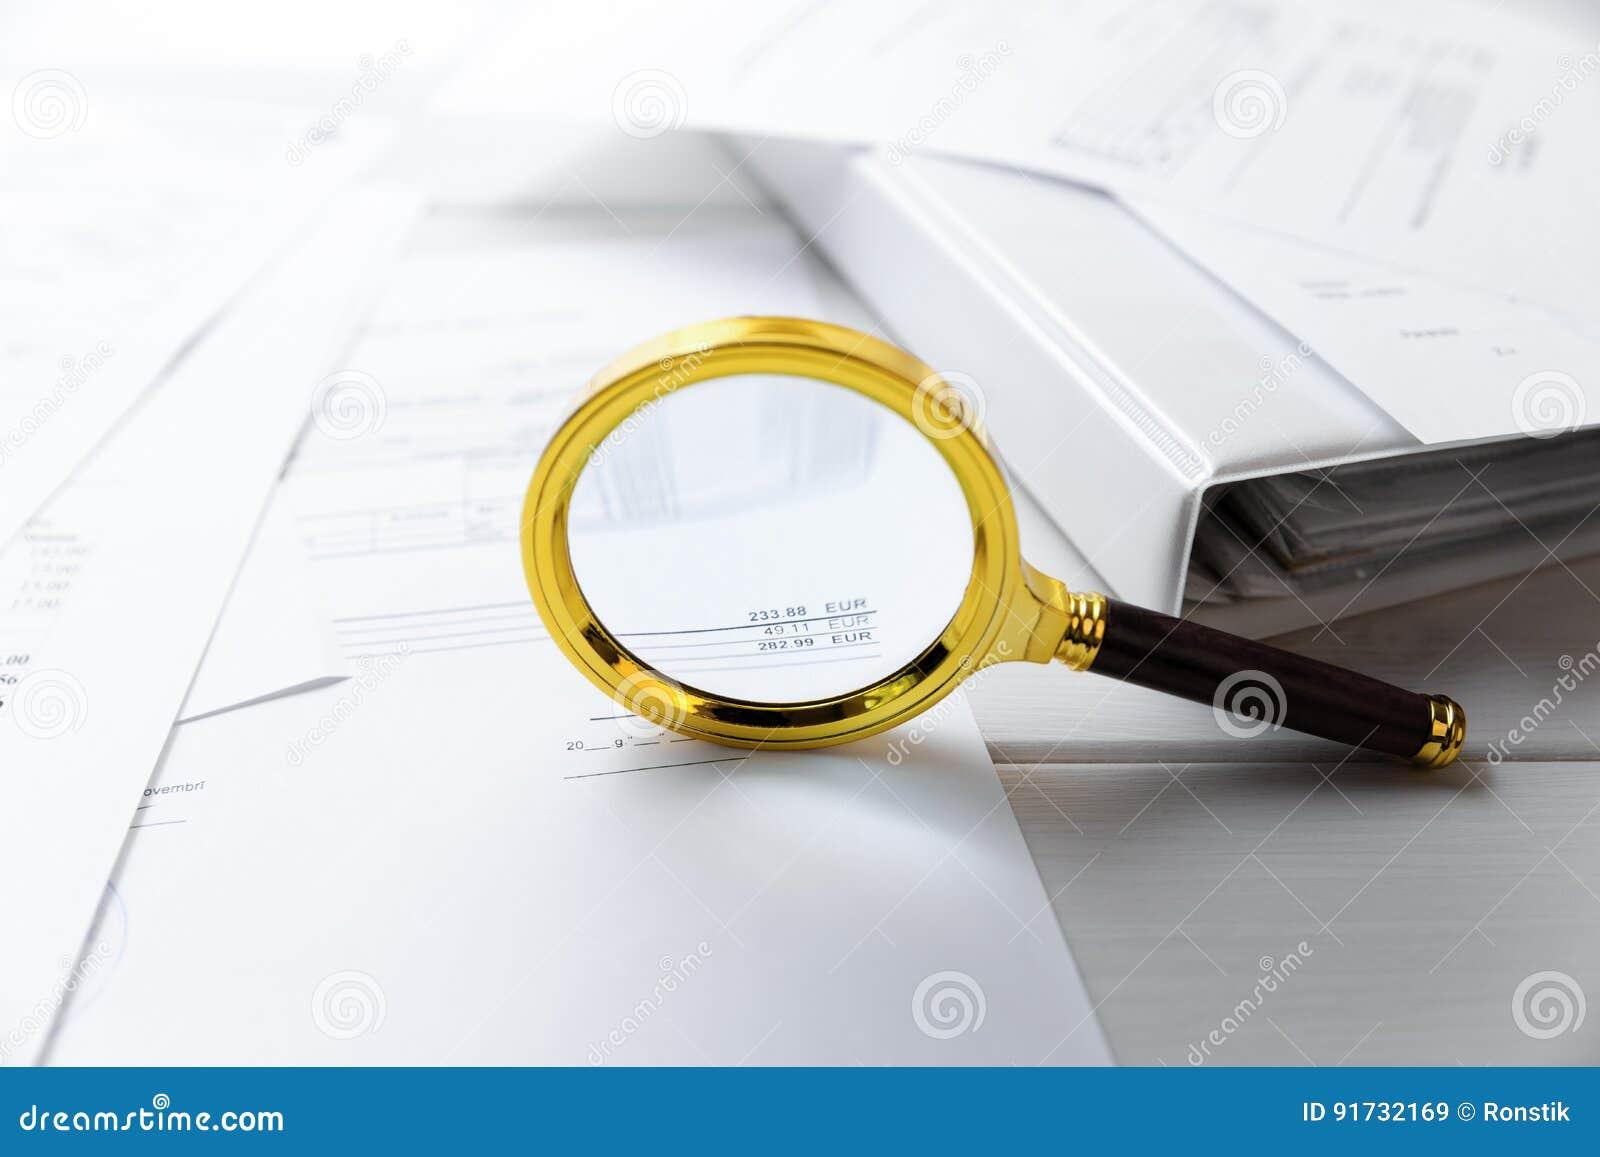 Έννοια λογιστικού ελέγχου - που ενισχύει - έγγραφα γυαλιού και επιχειρήσεων